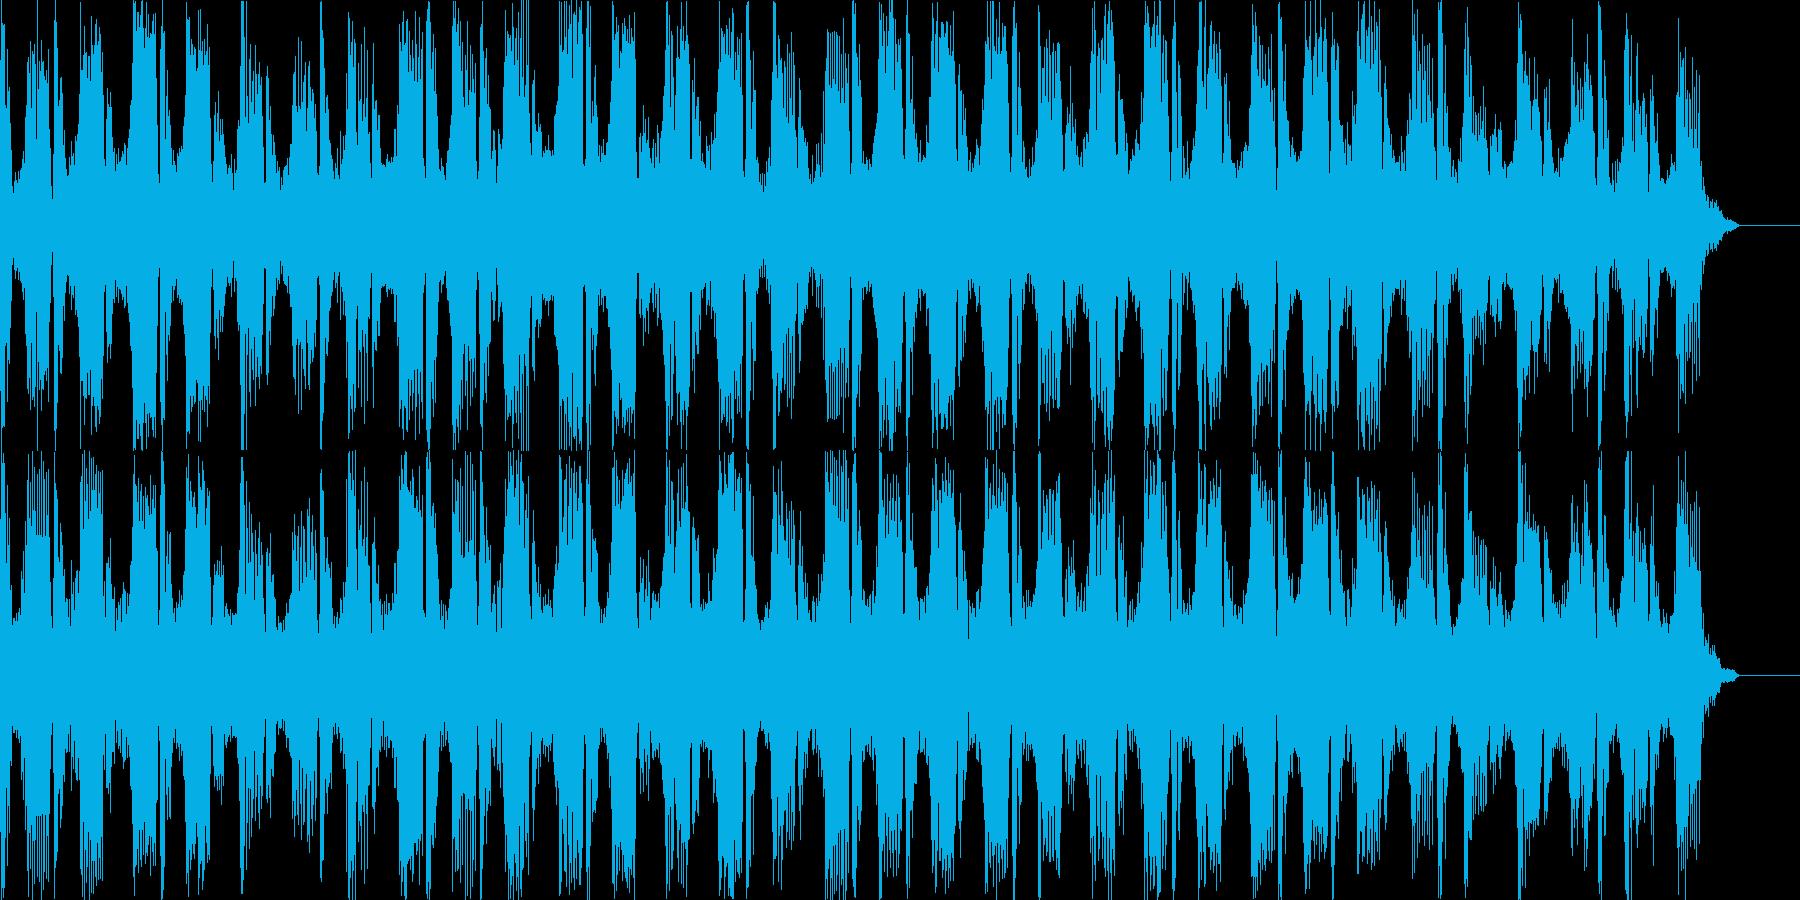 テクノテイストBGMの再生済みの波形